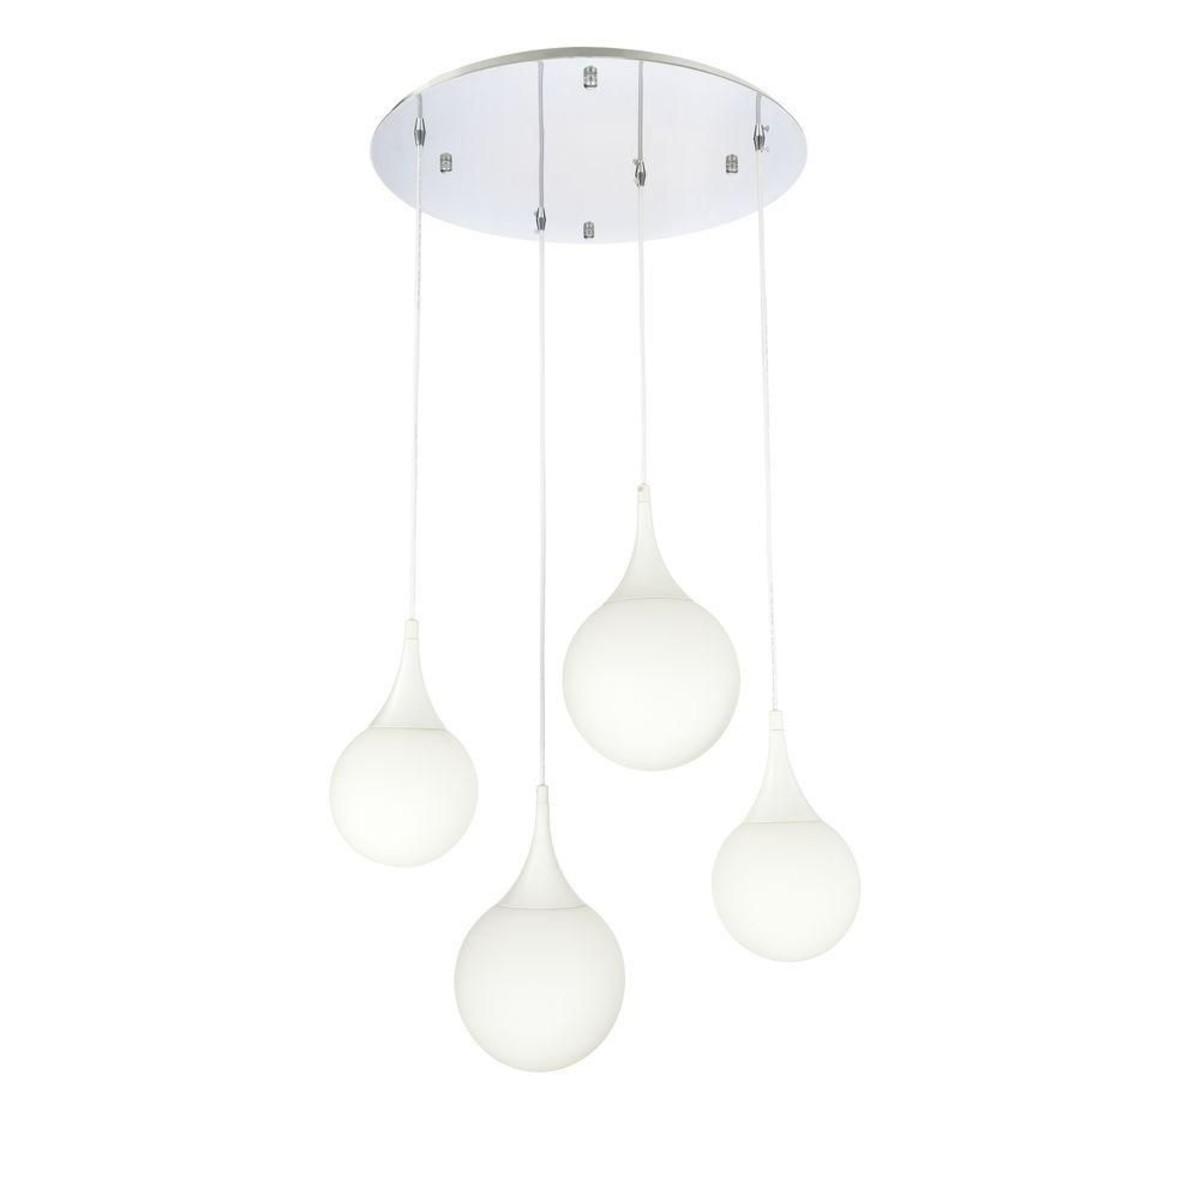 Подвесной светильник Maytoni Dewdrop P225-PL-150-N E27 4 ламп 1.80 м²